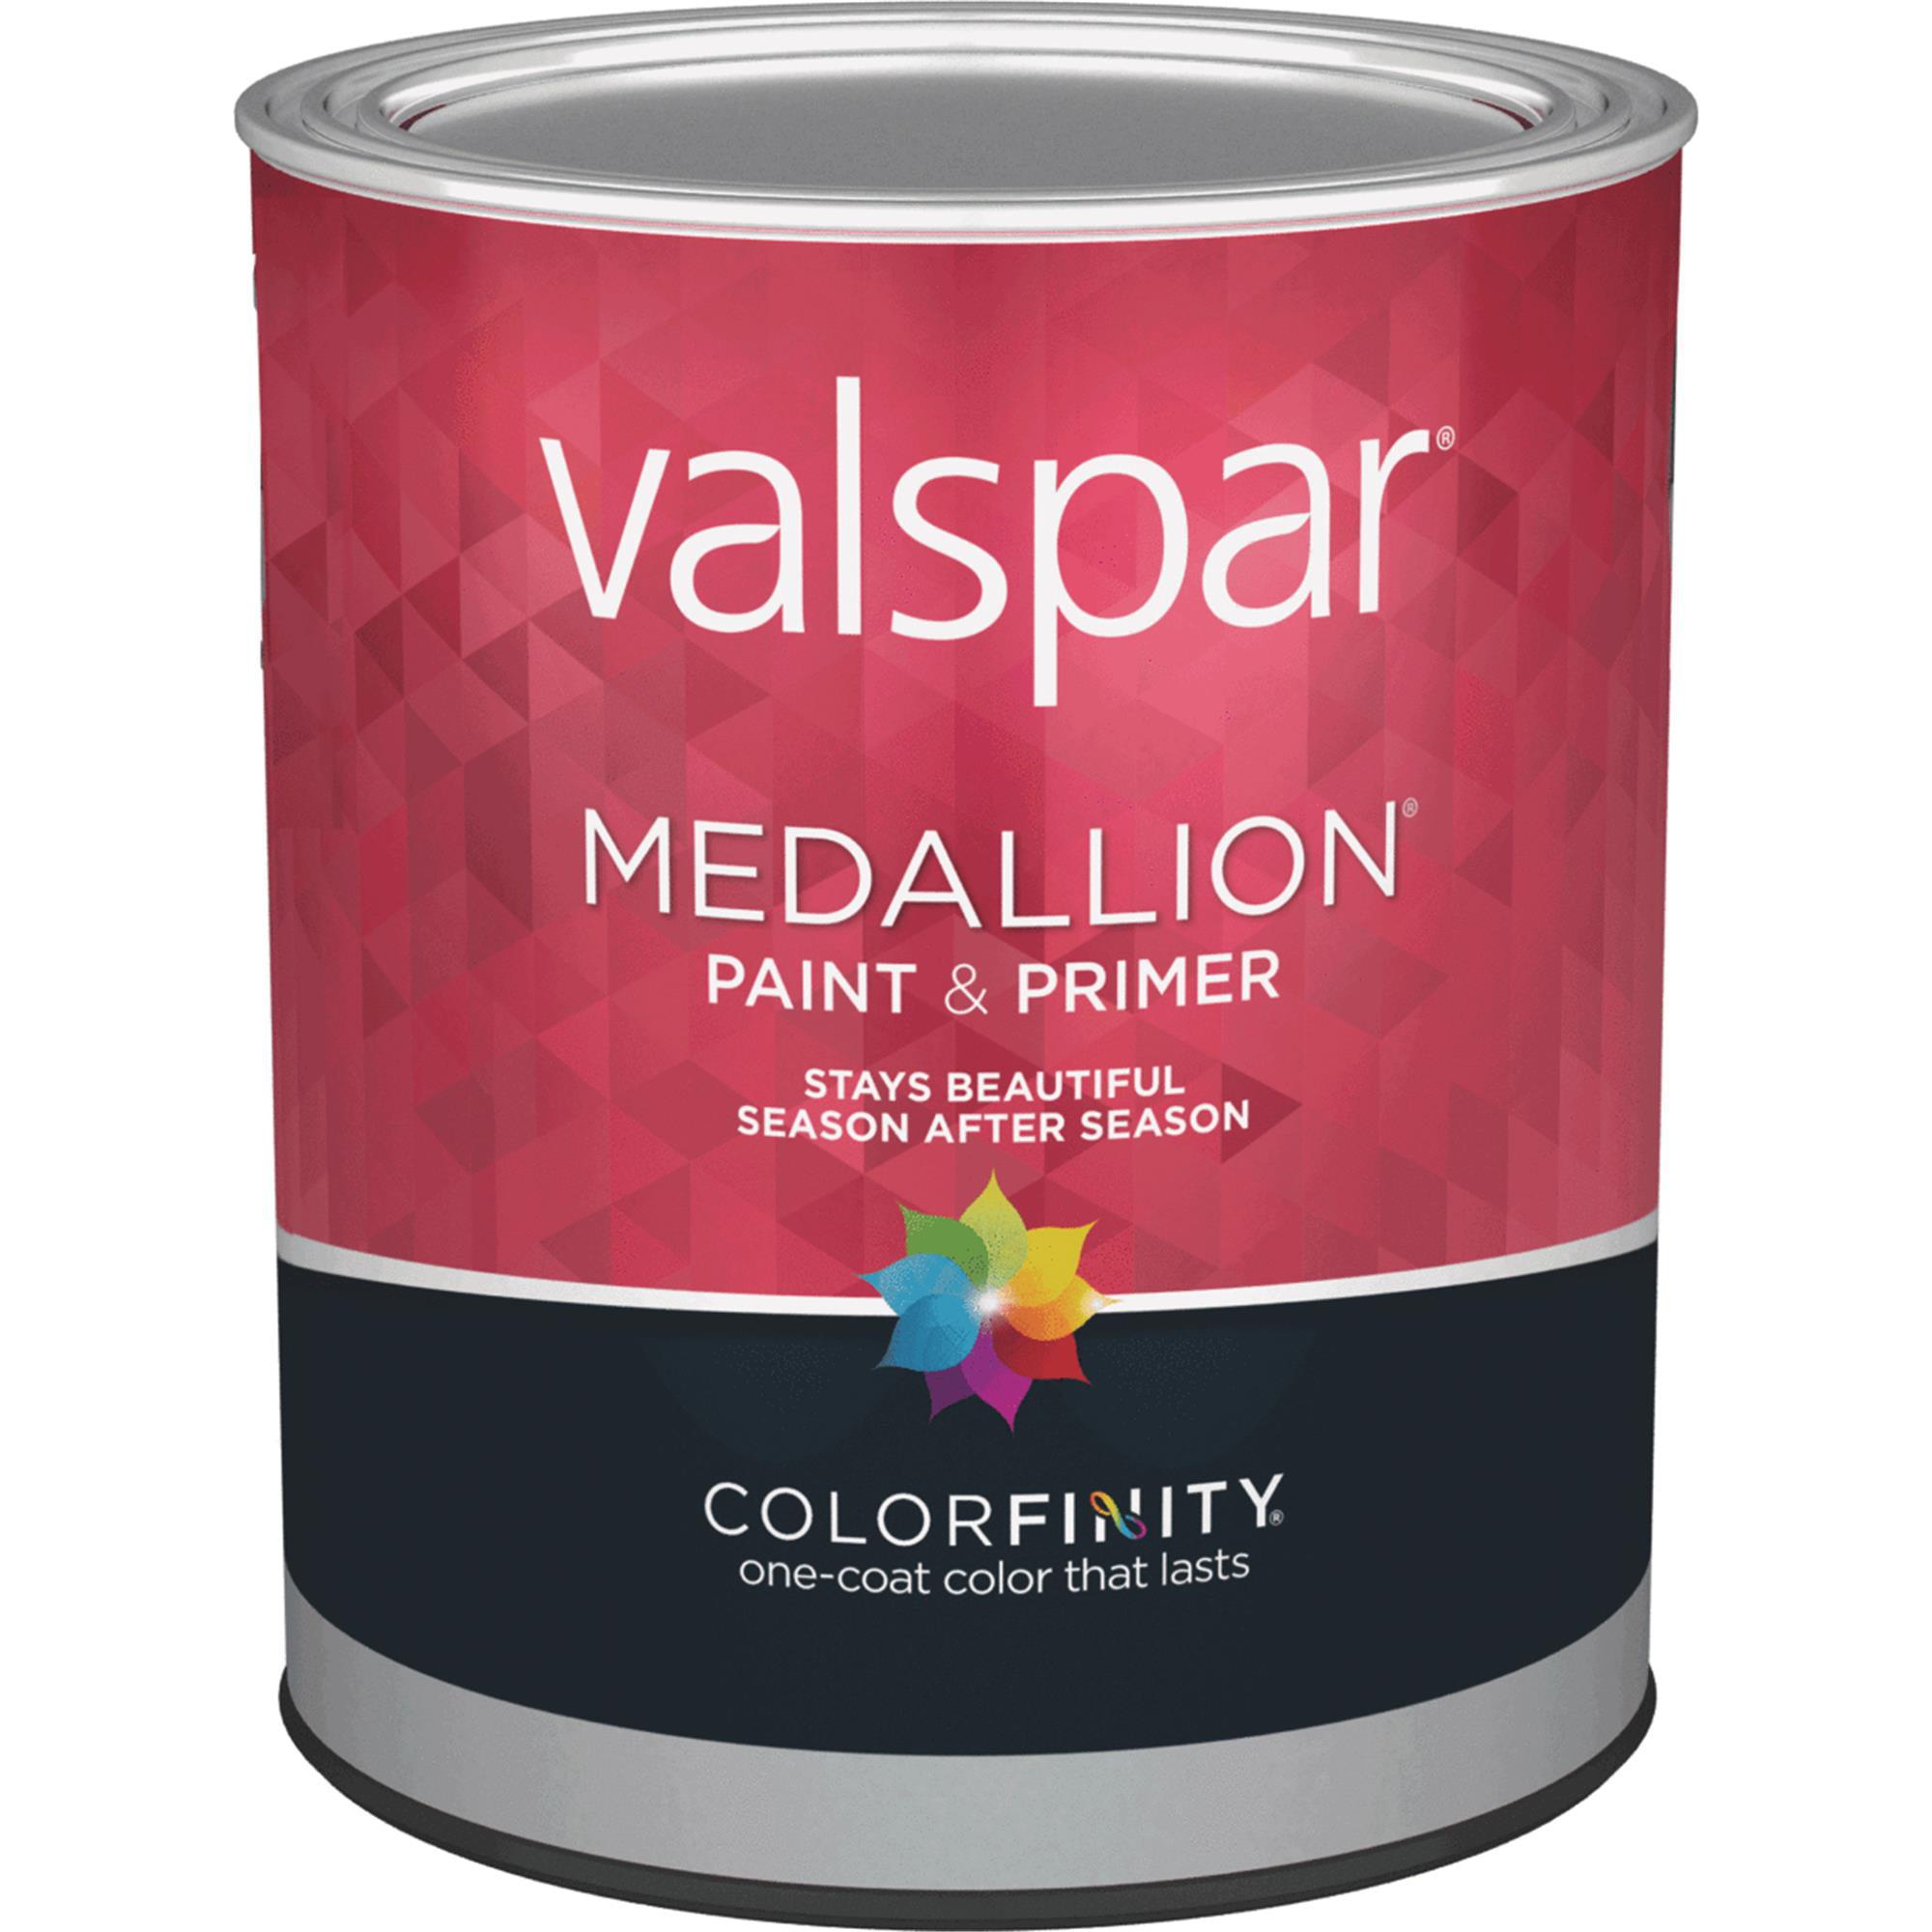 Valspar Medallion 100% Acrylic Paint & Primer Satin Exterior House ...